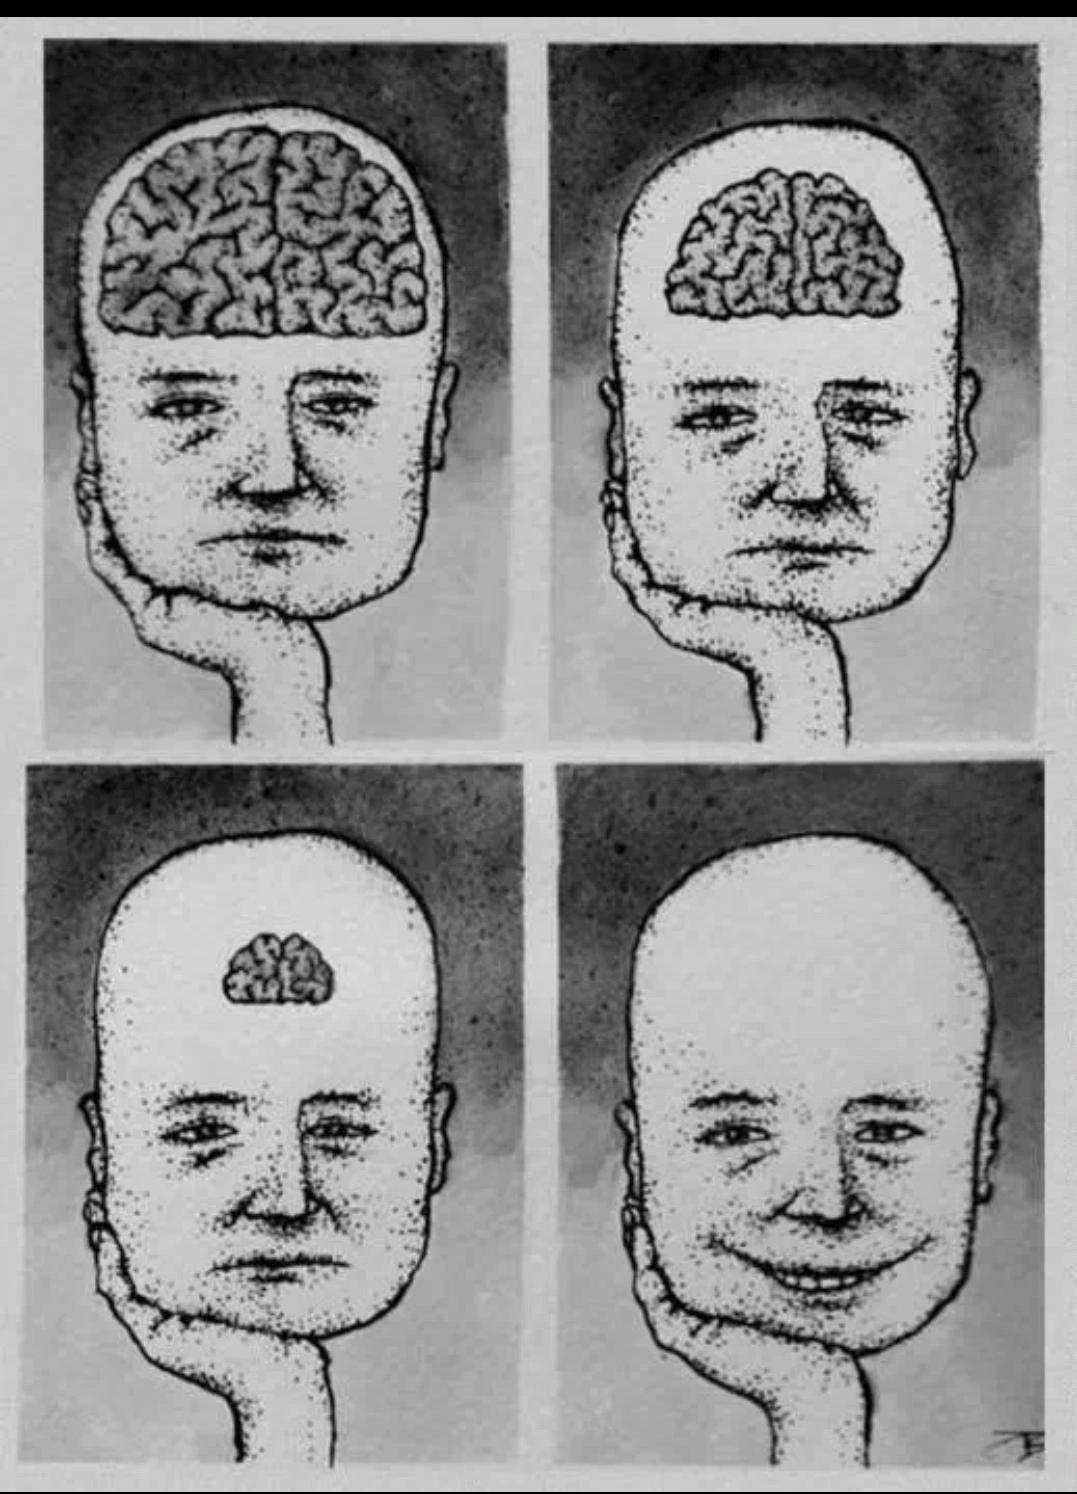 Именинами марины, нет мозга прикольные картинки